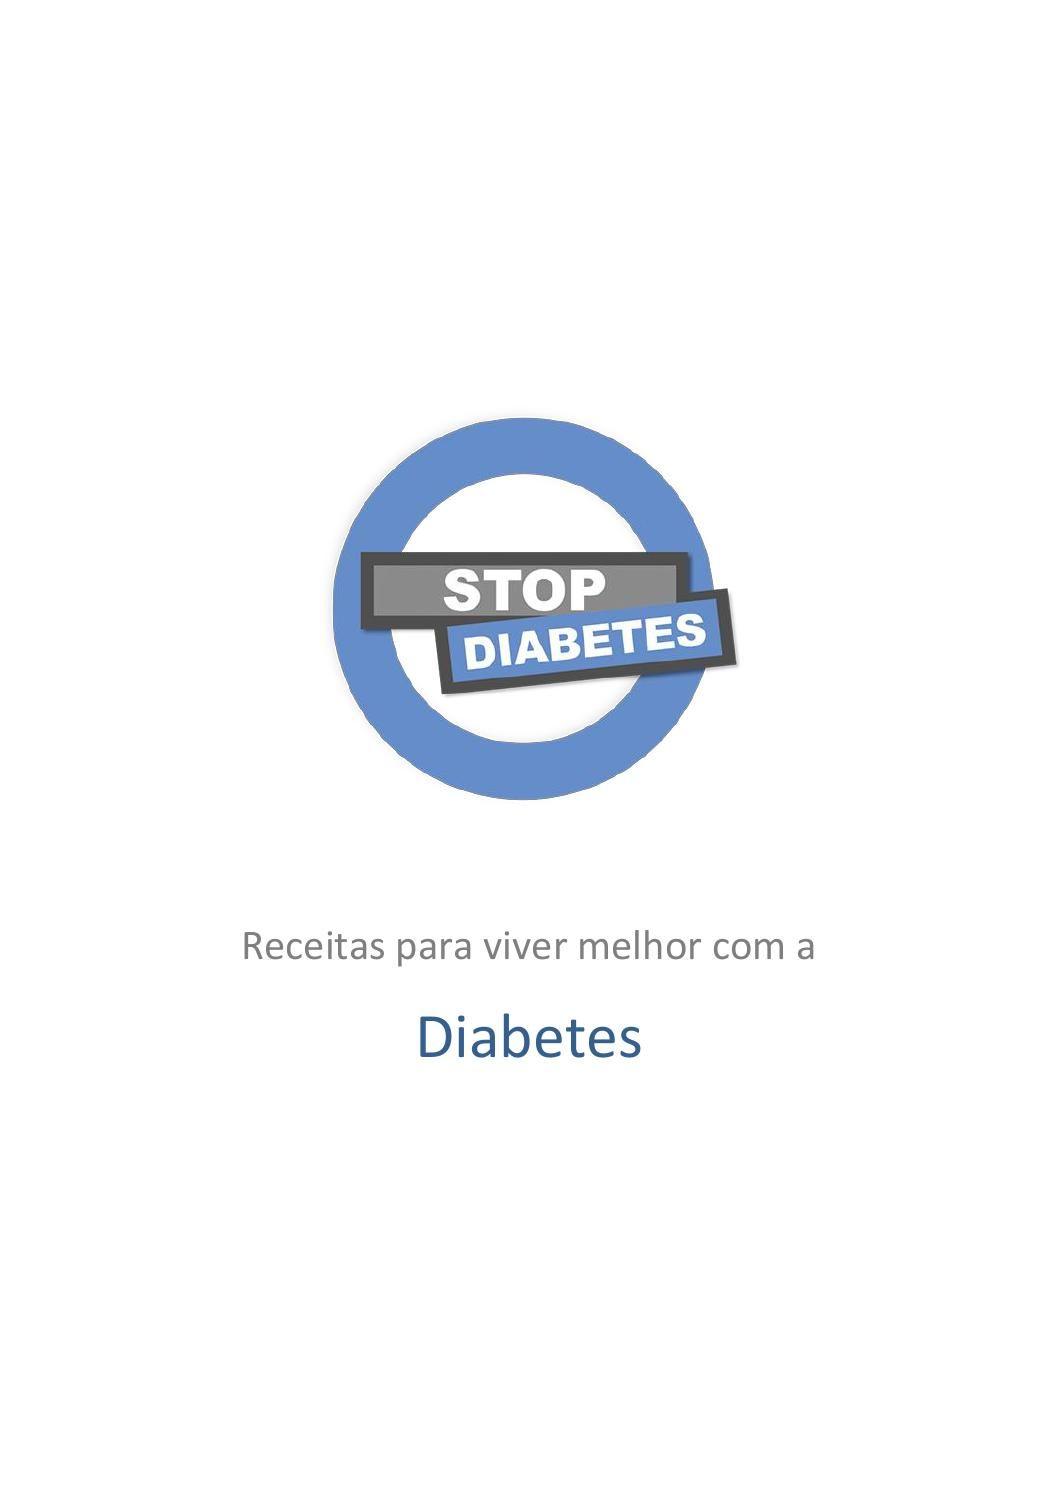 APDP - Receitas para viver melhor com a Diabetes  Receitas para viver melhor com a Diabetes